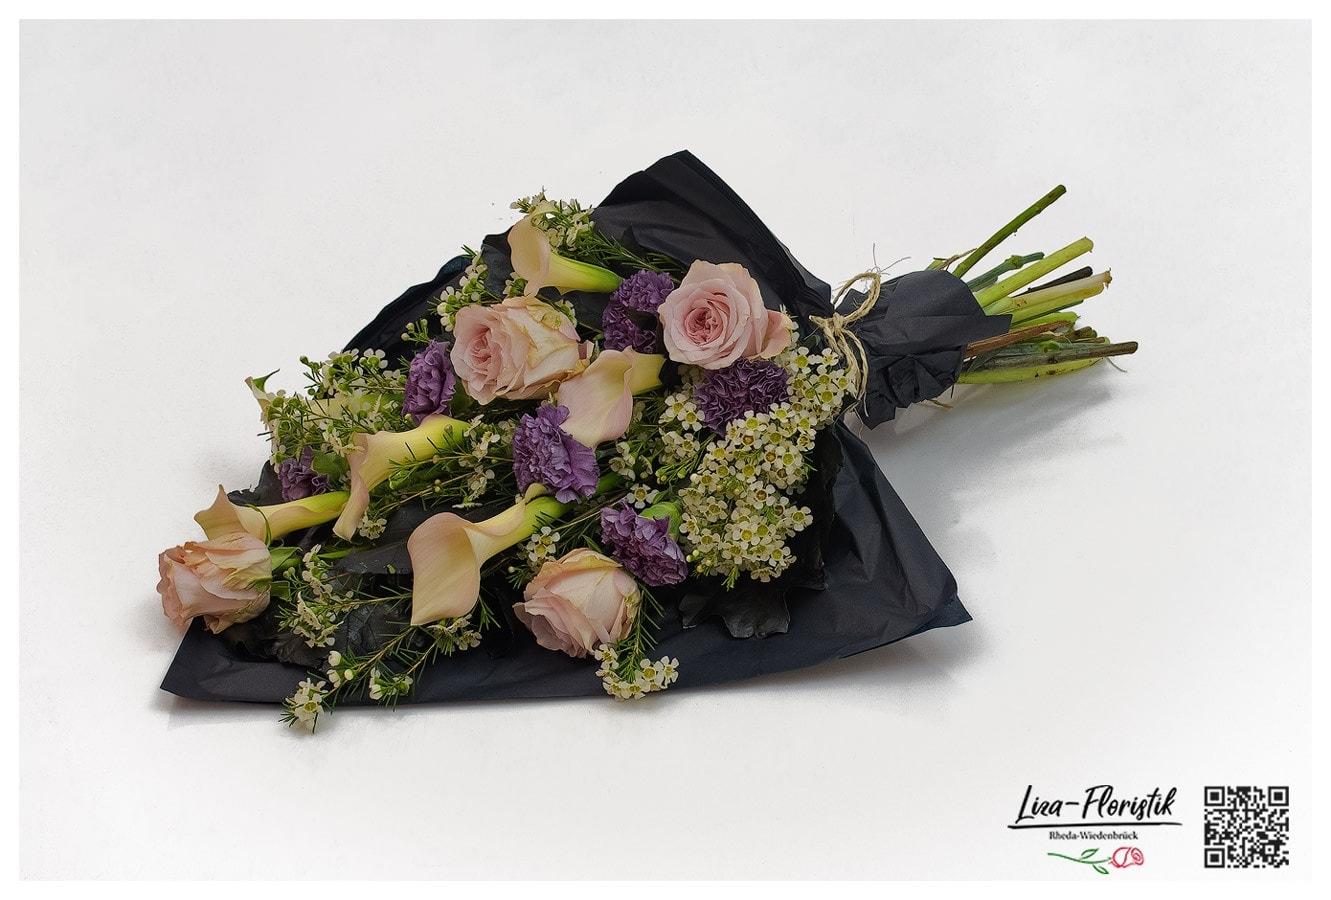 Blumenstrauß - Trauerstrauß mit Ecuador Rosen Pink Mondial, Calla, Nelken, Wachsblumen und Eichenlaub